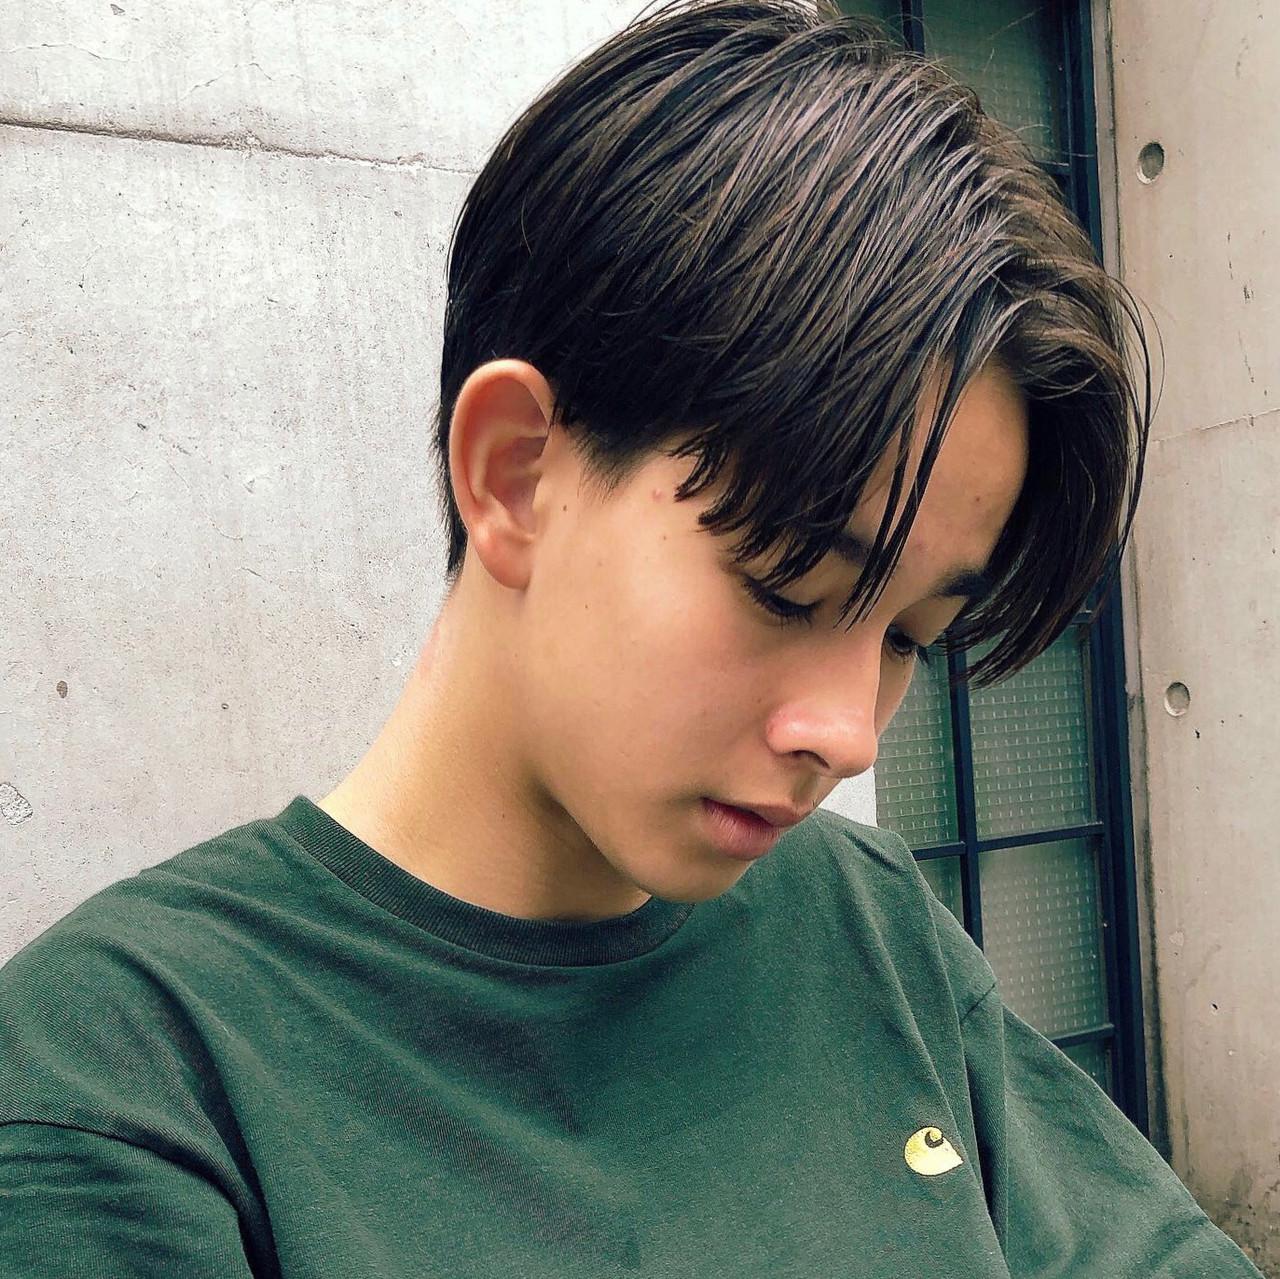 メンズカジュアル メンズパーマ ナチュラル ショート ヘアスタイルや髪型の写真・画像